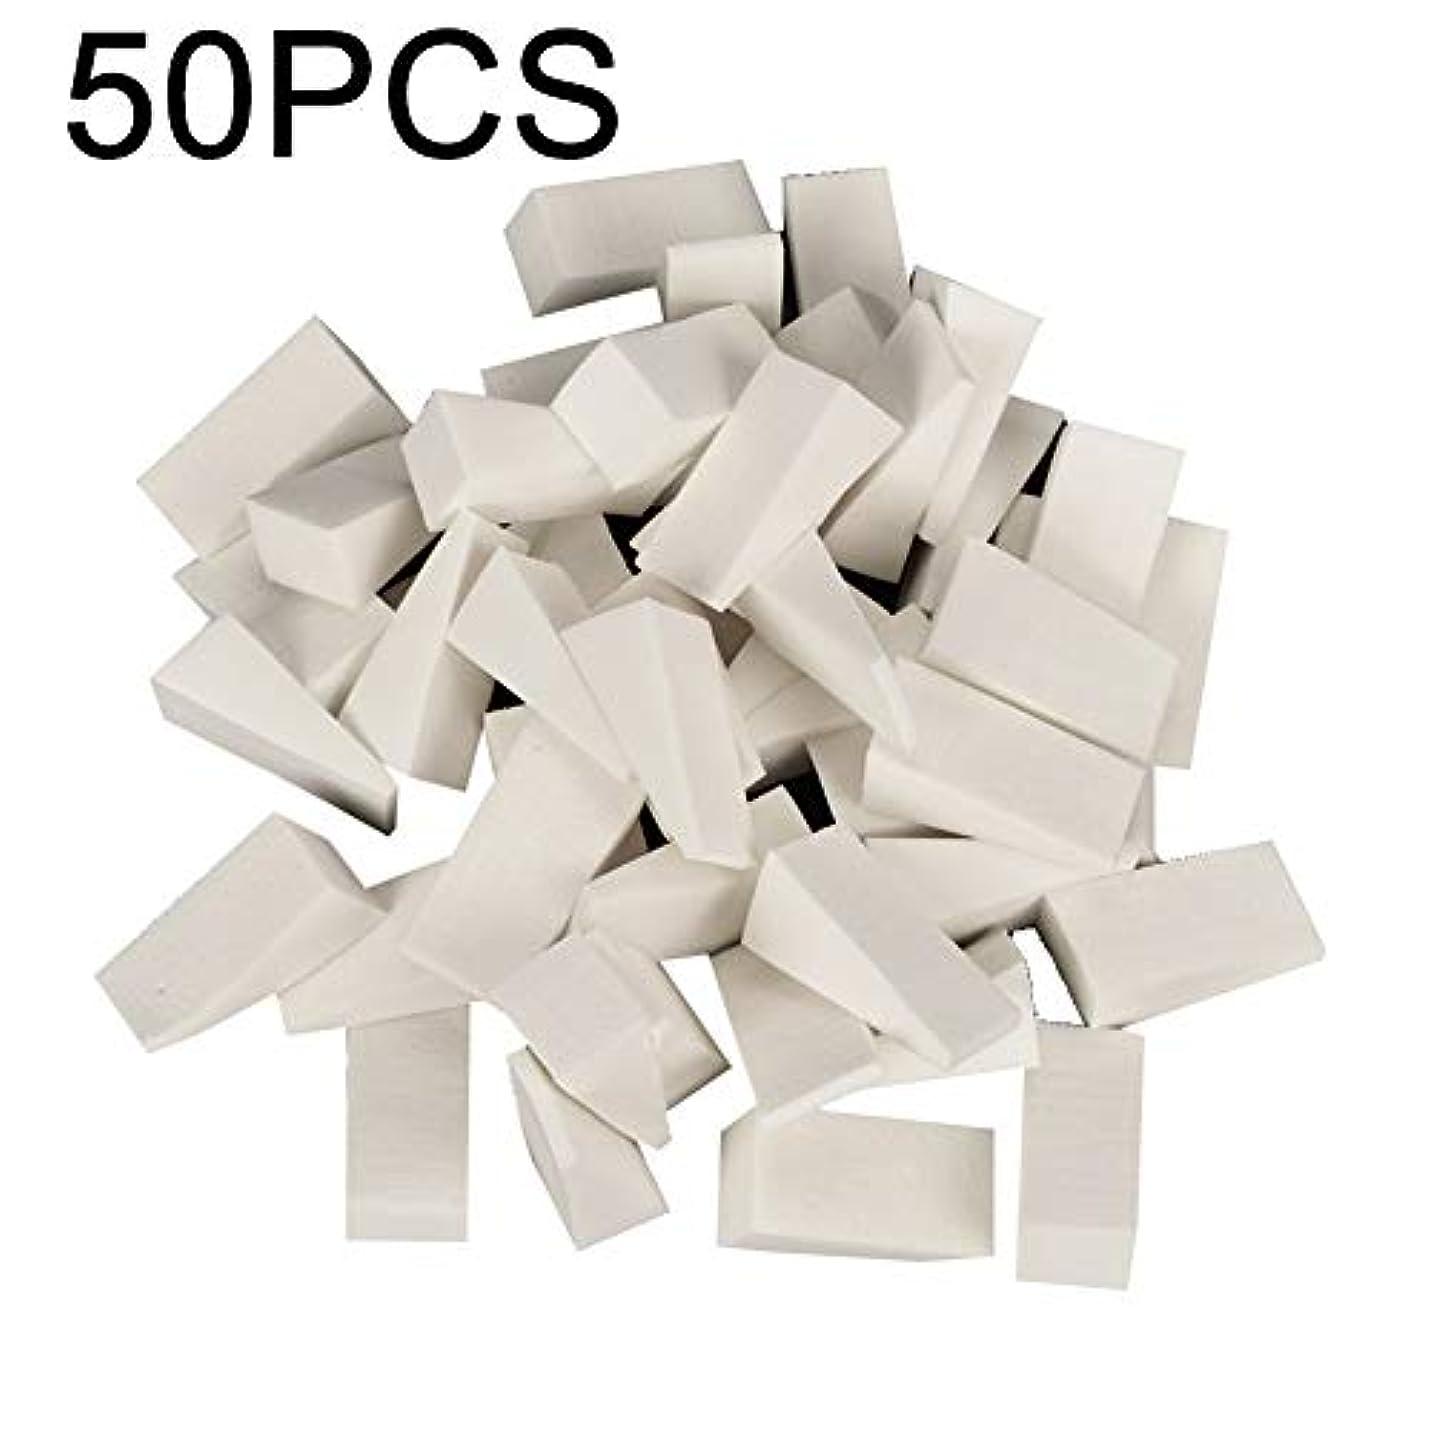 変装ソフィー共和国hamulekfae-50個使い捨てソフトスポンジネイルスタンパーグラデーションカラーリングマニキュアツールシール